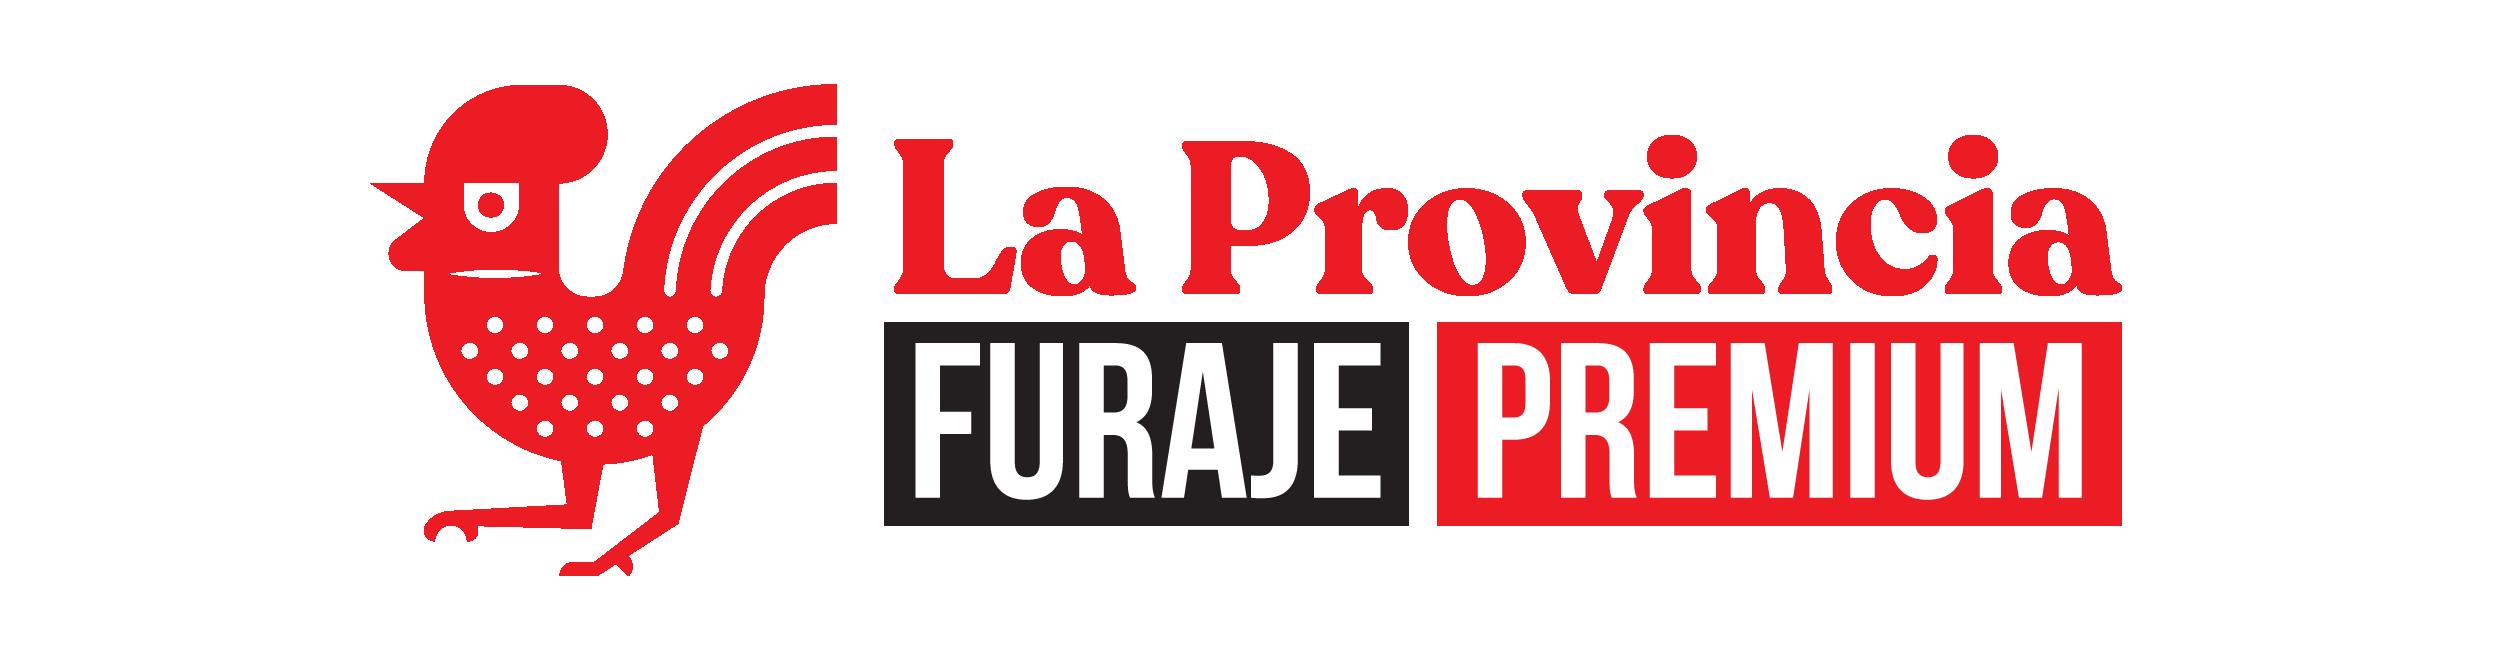 LaProvincia Furaje Premium